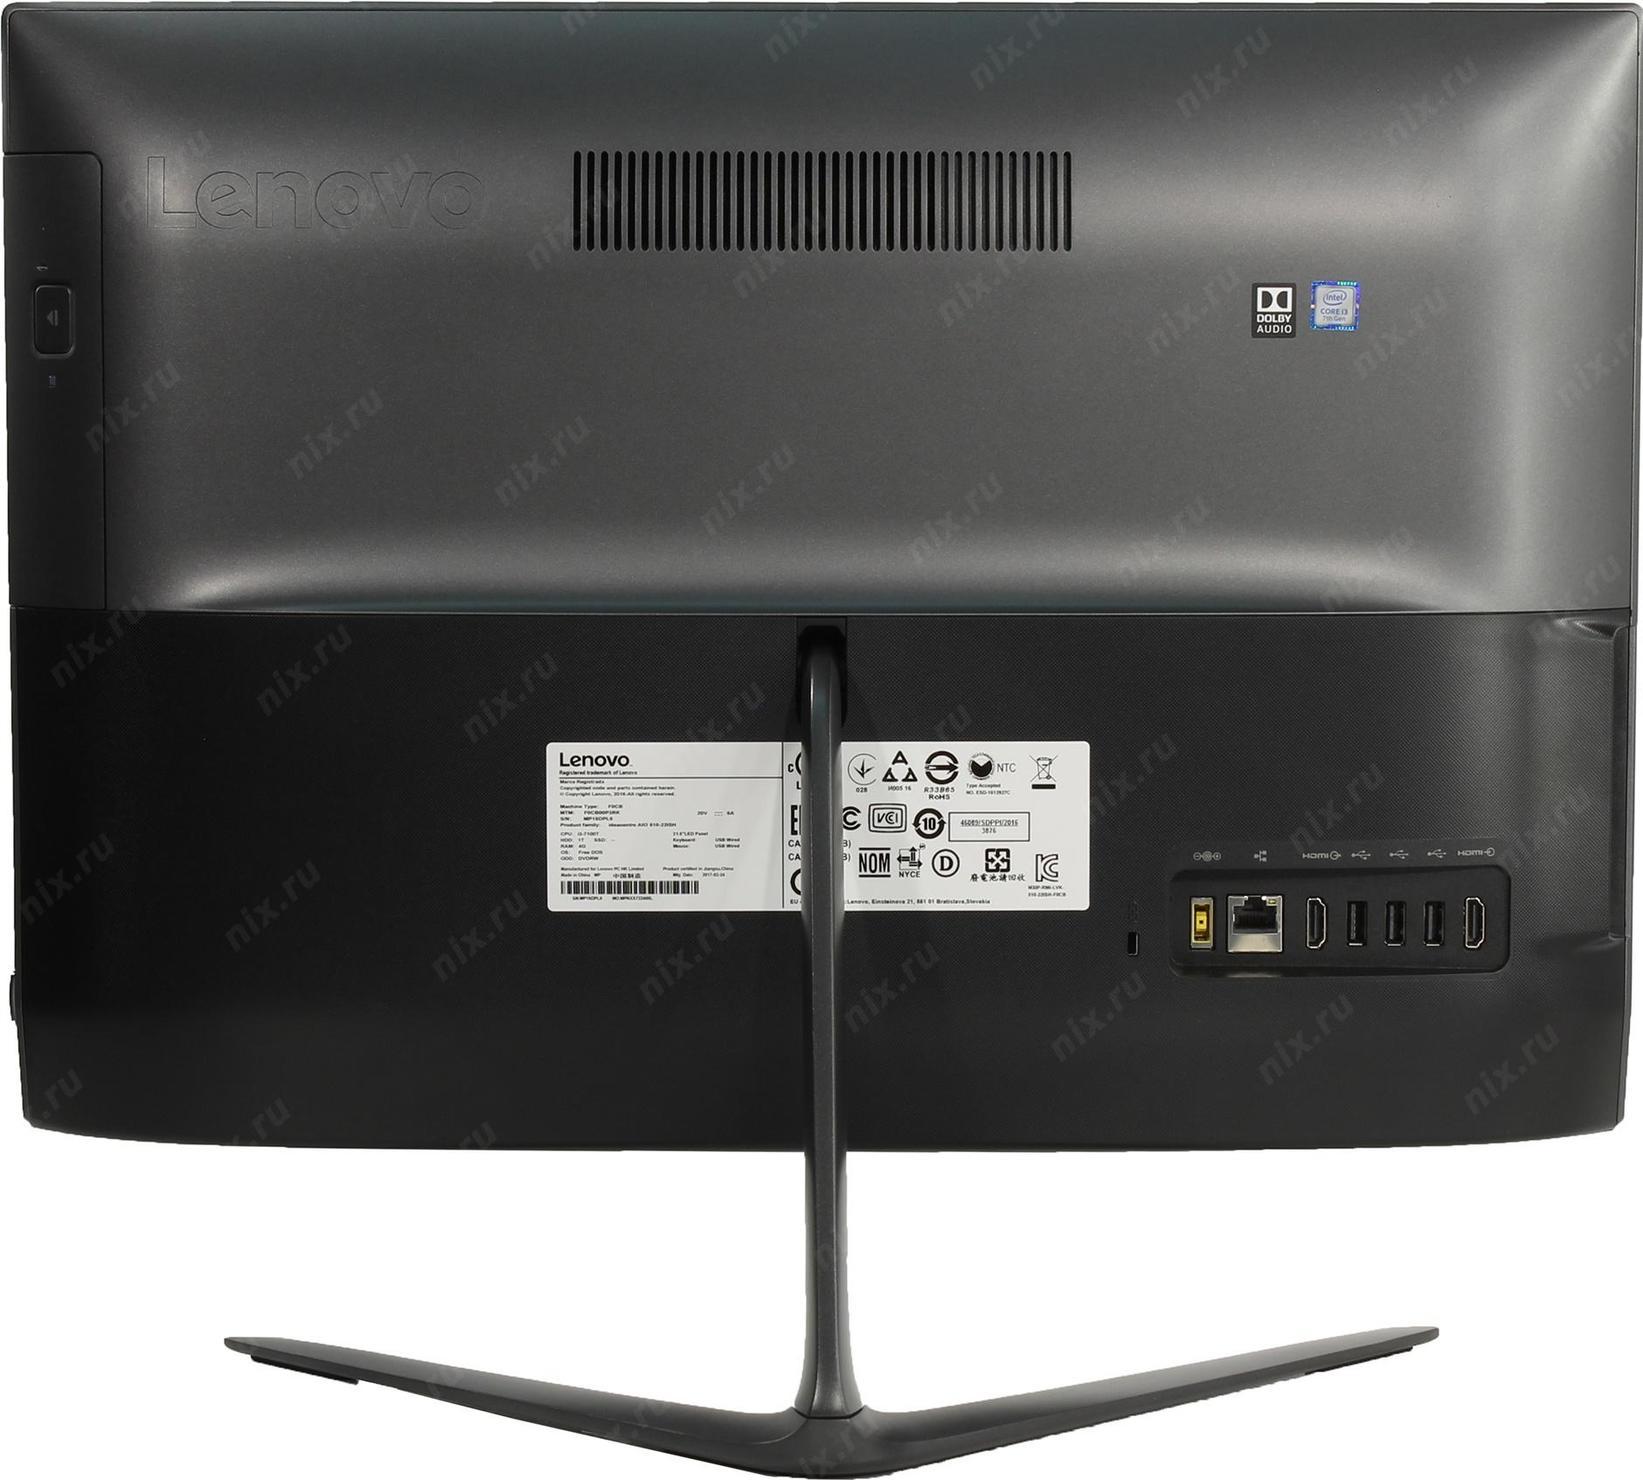 Lenovo Ideacentre Aio 510 22ish F0cb00p3rk Aio510 Core I3 7100t 4gb Ddr4 1tb Hd Black